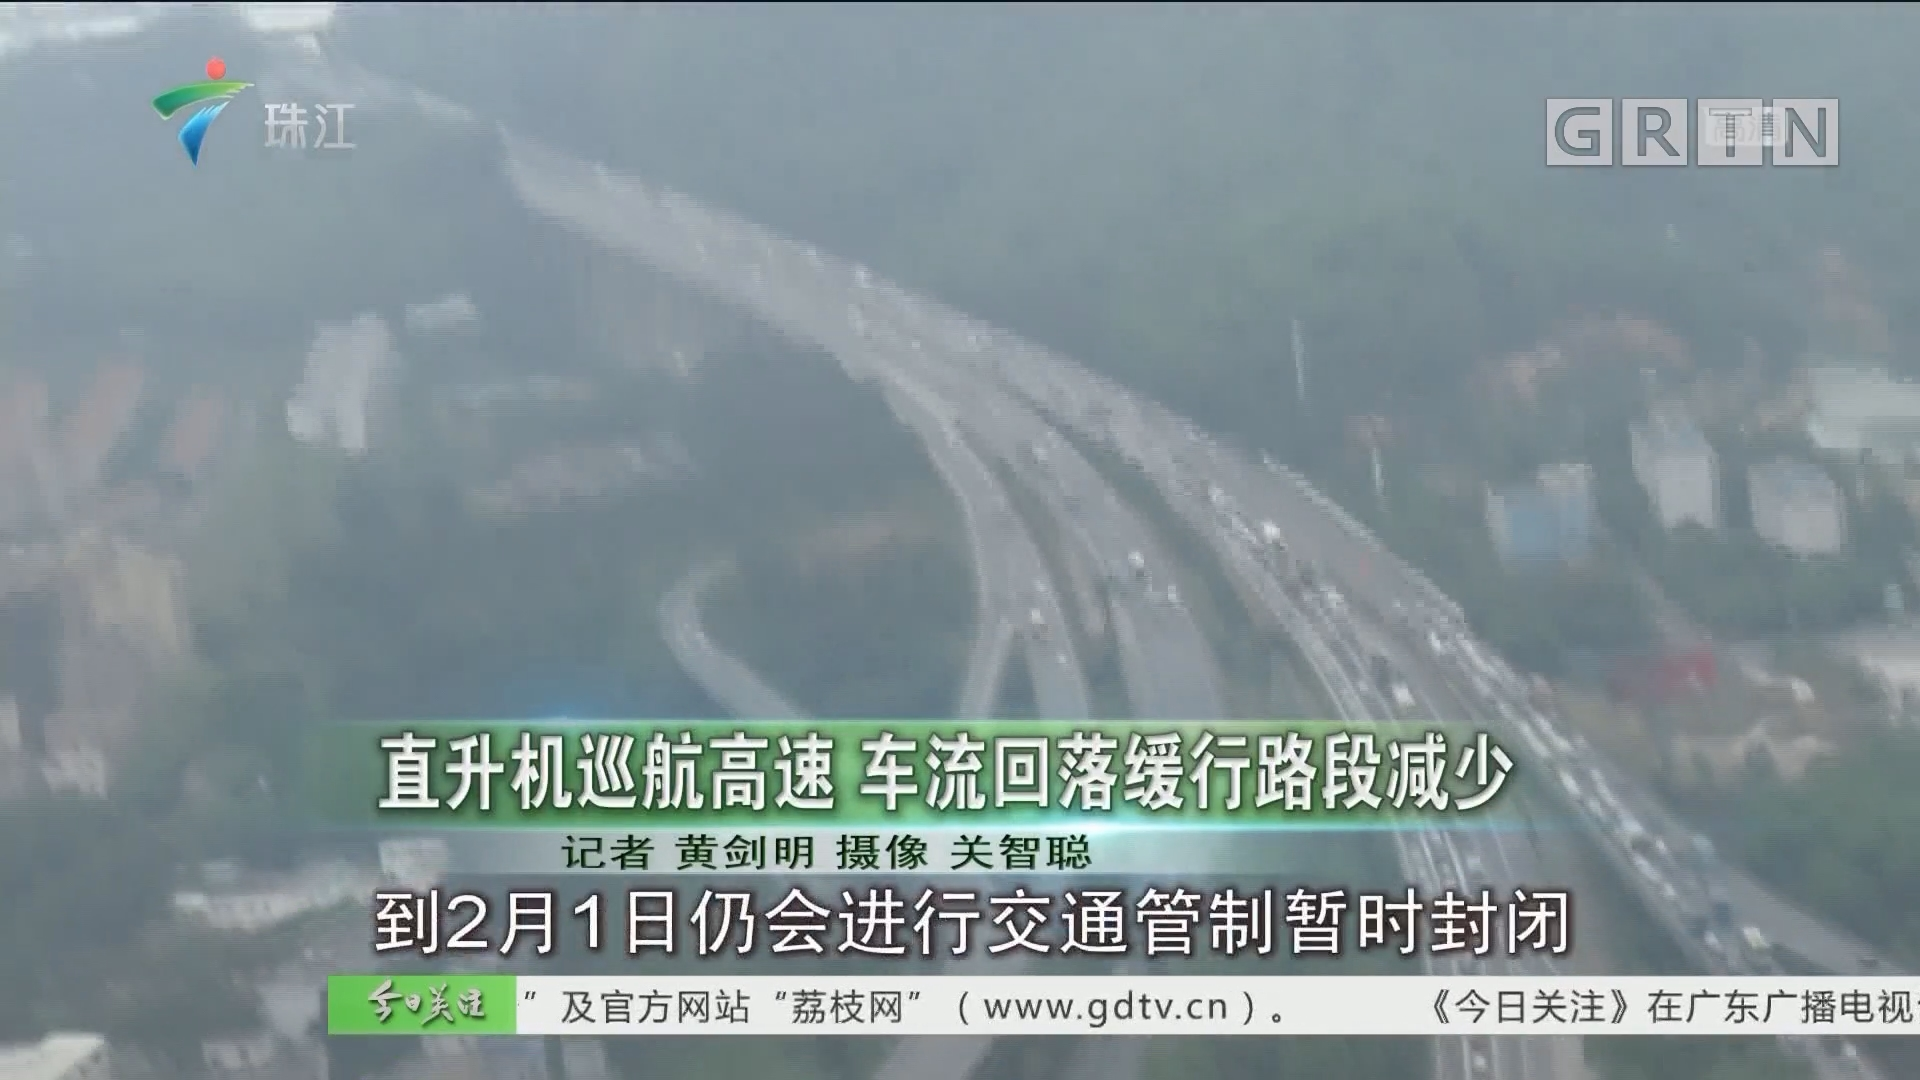 直升机巡航高速 车流回落缓行路段减少